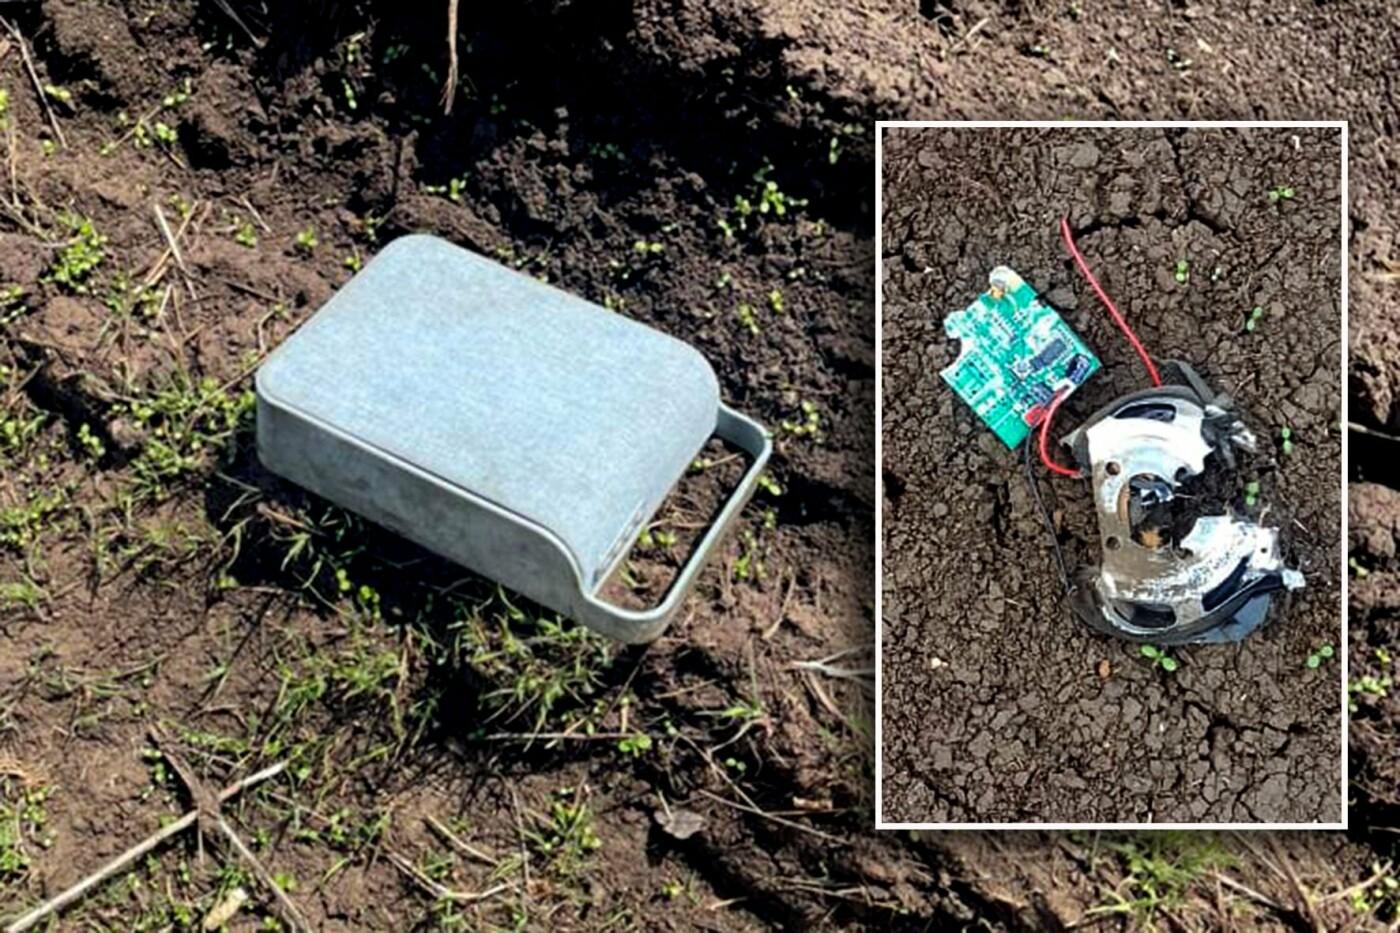 Миссия ОБСЕ за два дня выявила более двух тысяч мин на востоке Украины, - ФОТО, фото-3